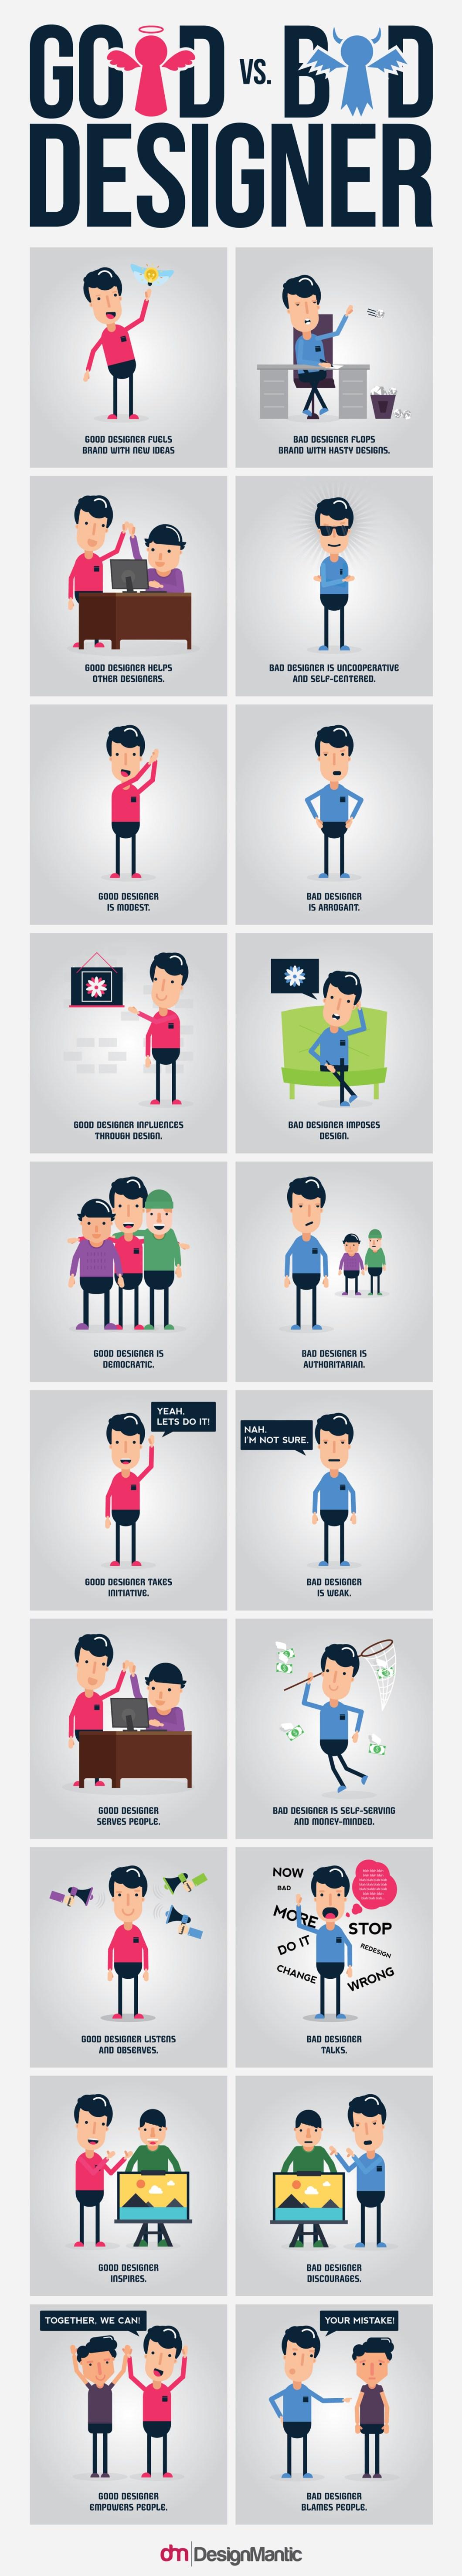 How to Tell a Good Designer Vs Bad Designer - Infographic